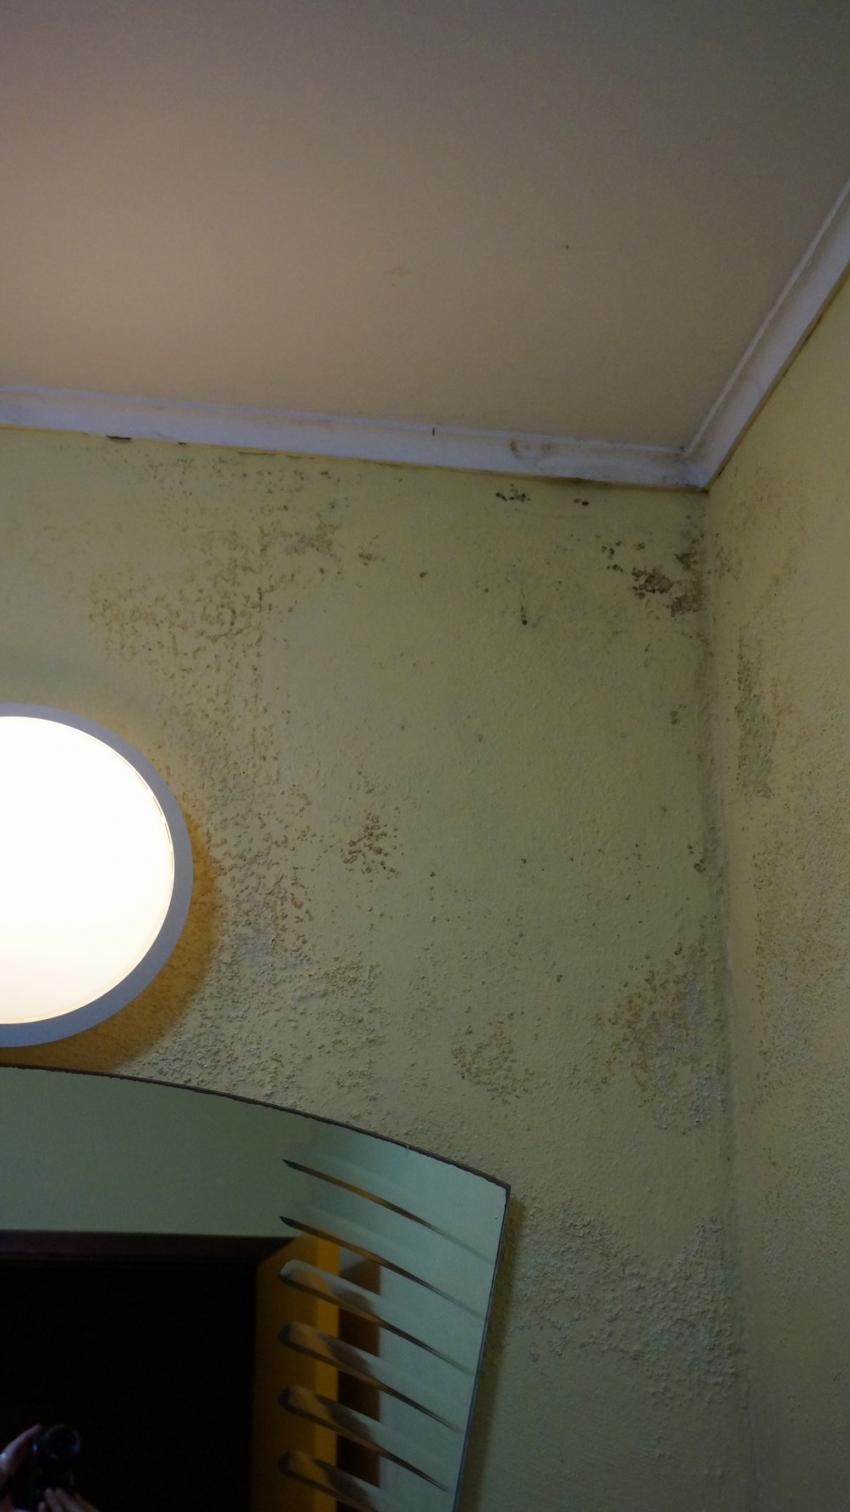 Wand im Bad, Apartments Watapana, Niederländische Antillen, Curaçao